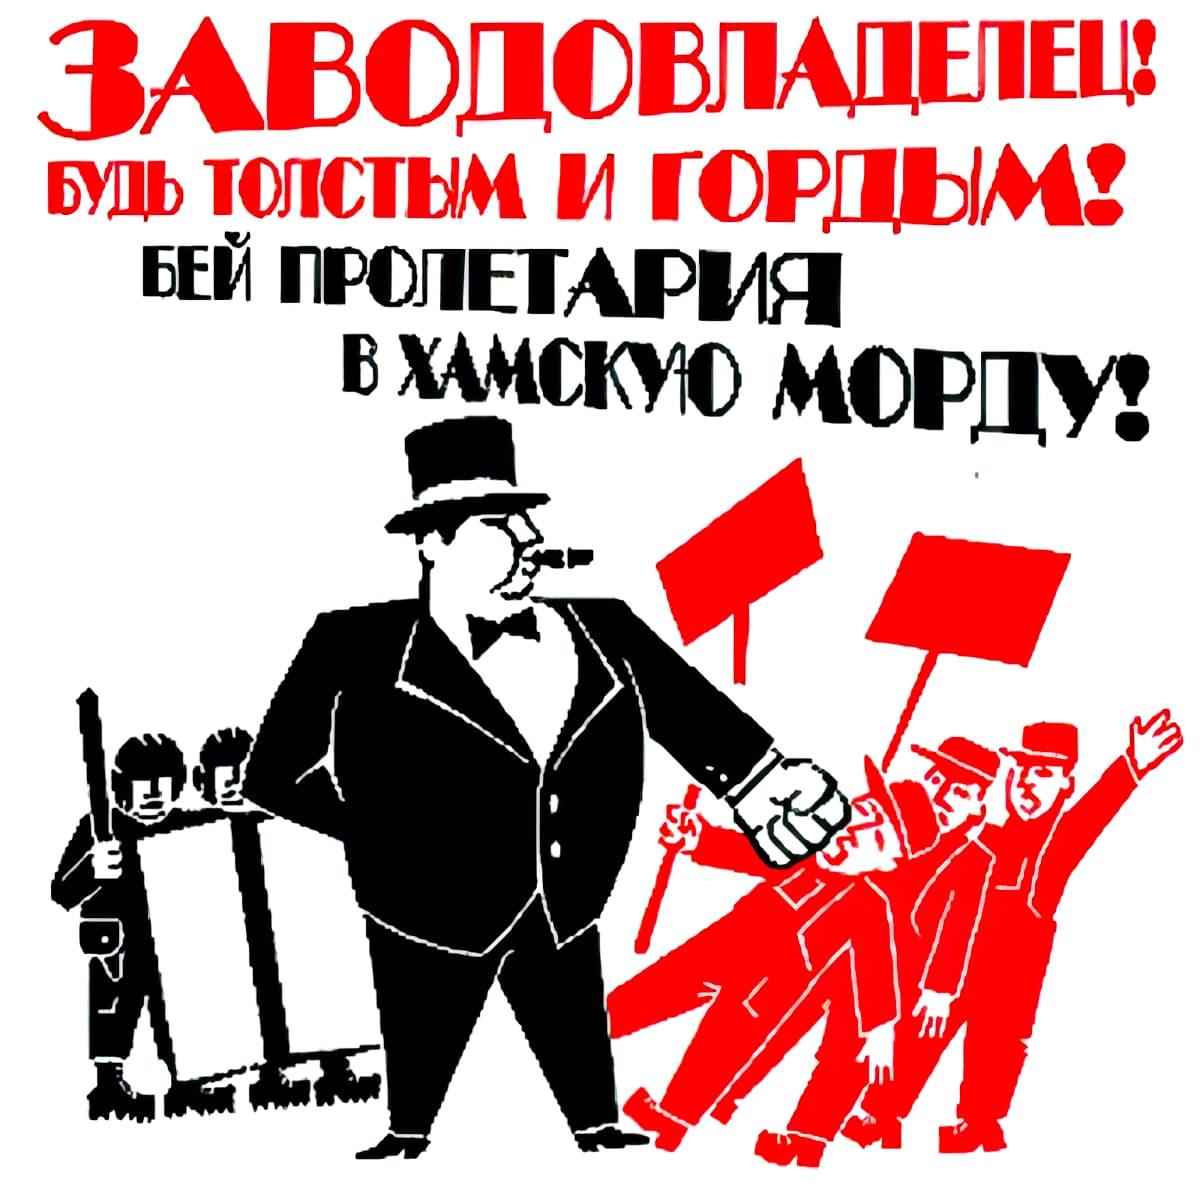 Либералы, центристы и прочие антикоммунисты 1.